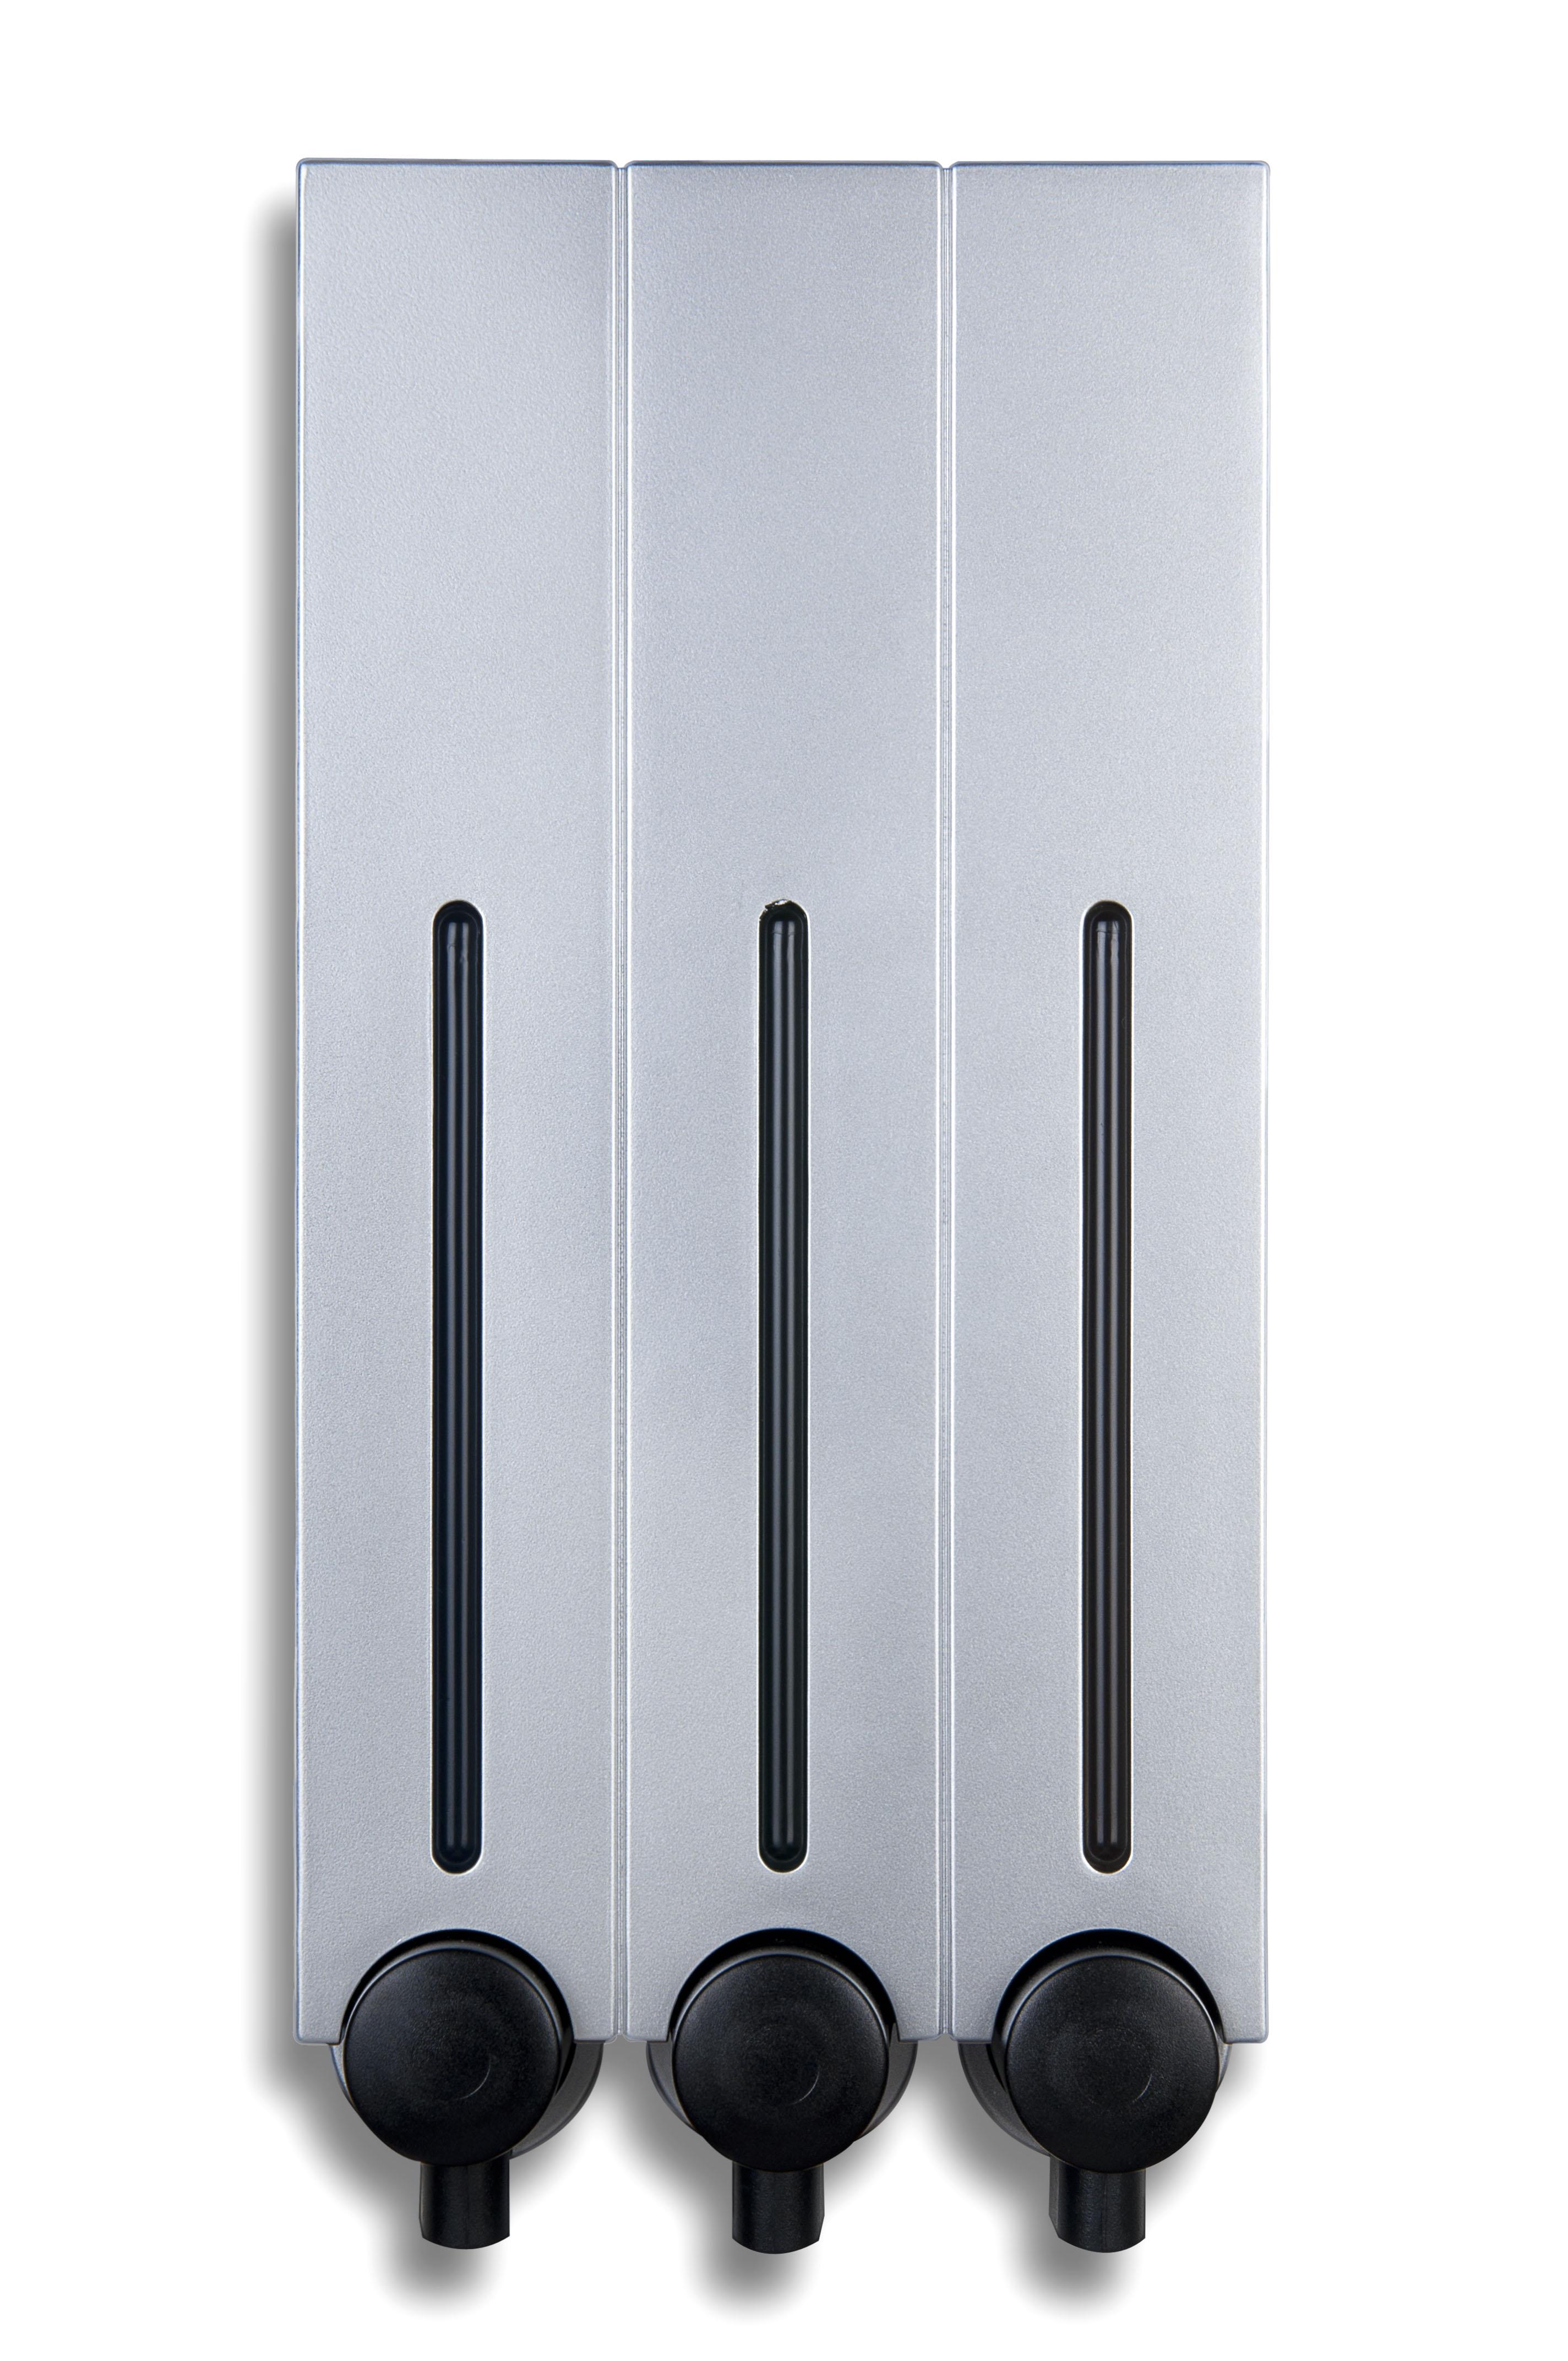 Homepluz ba o homepluz dh 700 3sp hsumao industrial co for Fabricantes de accesorios de bano